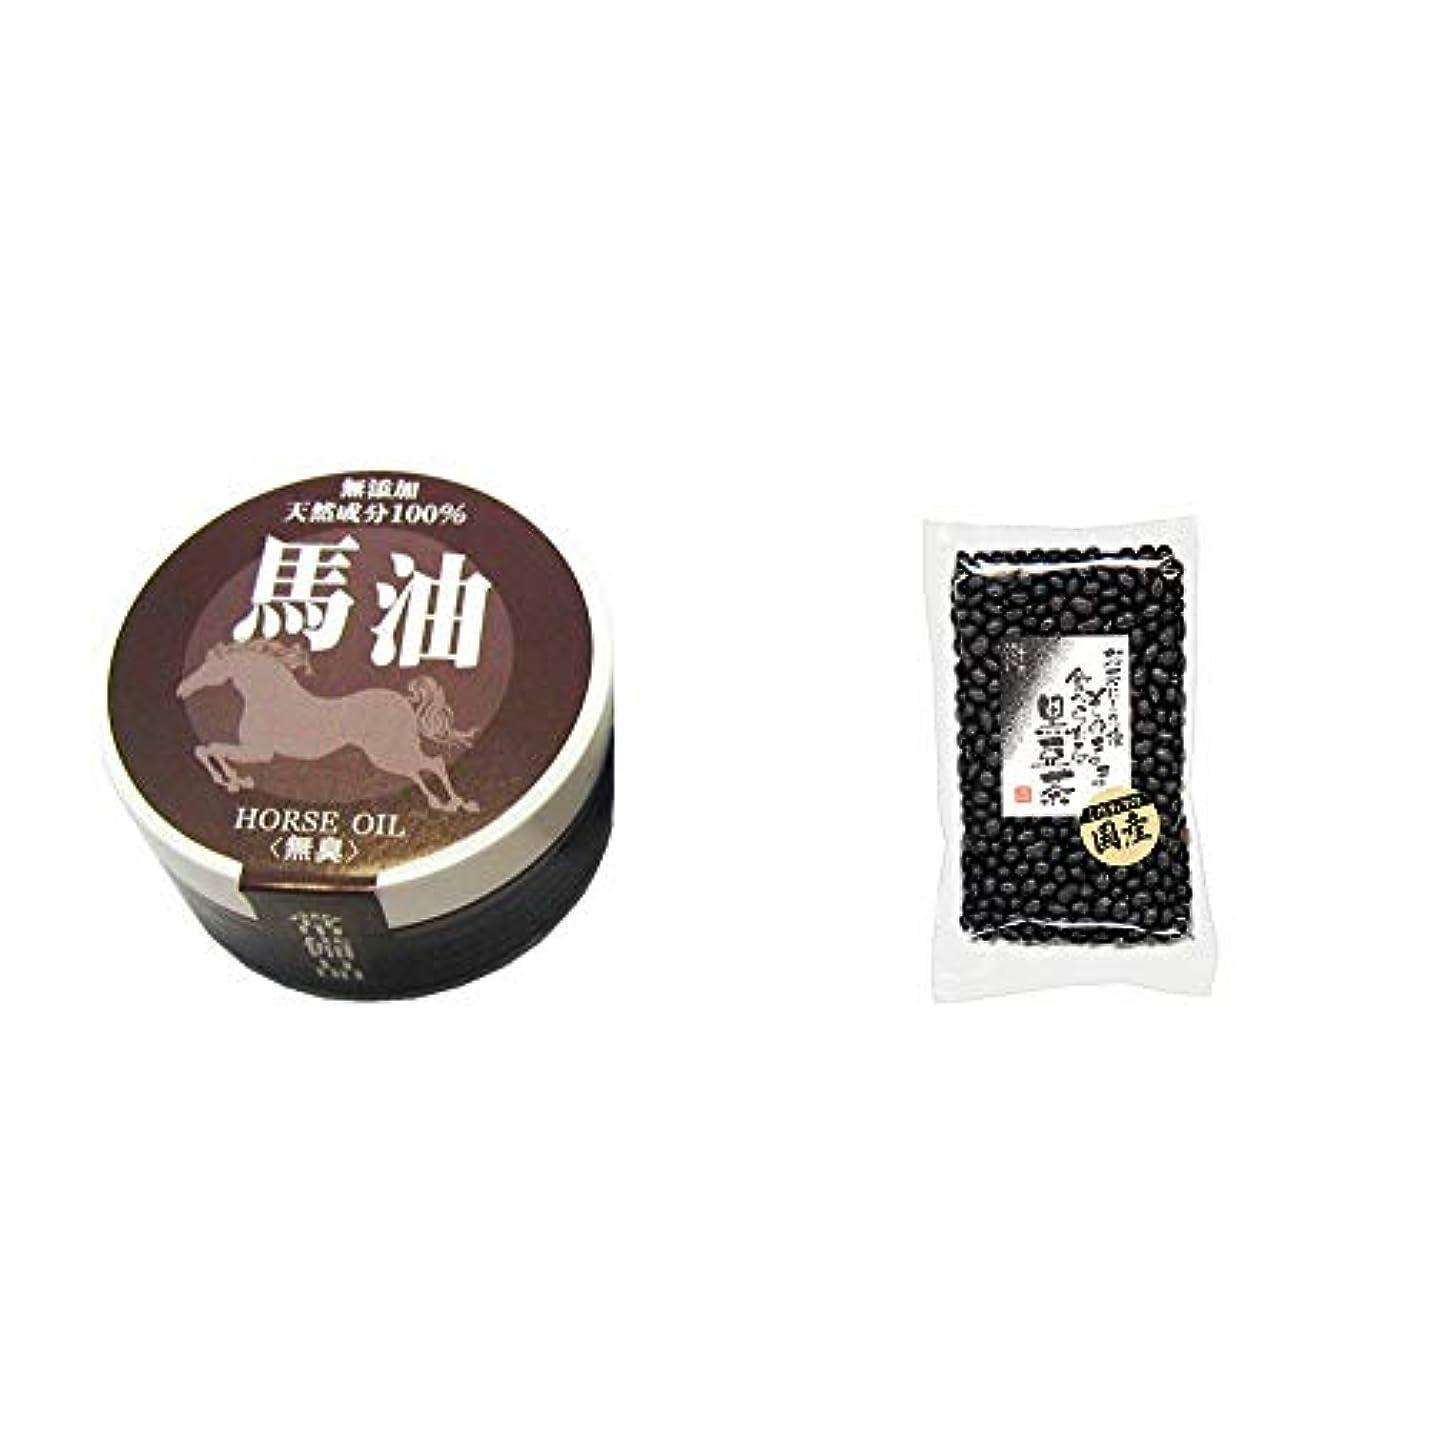 [2点セット] 無添加天然成分100% 馬油[無香料](38g)?国産 黒豆茶(200g)